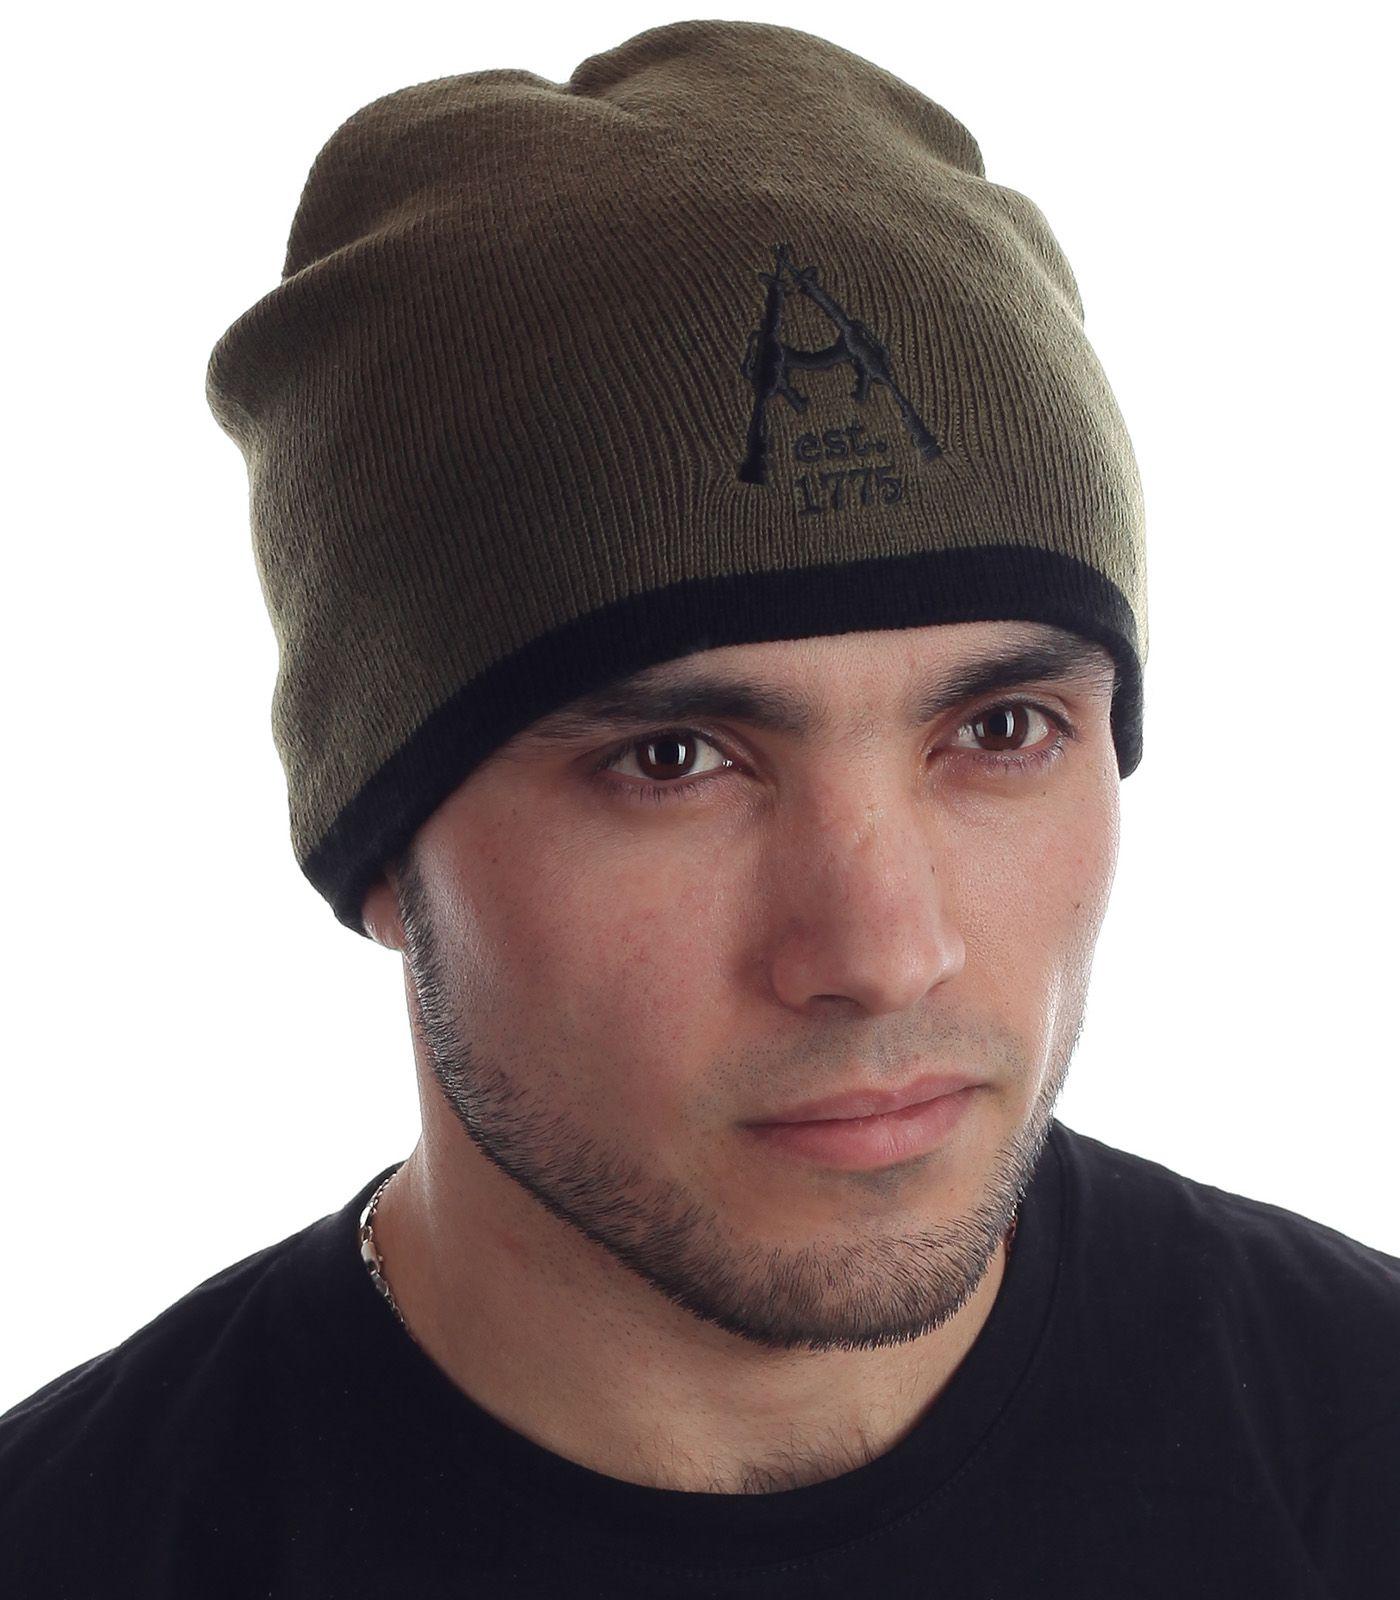 Купить мужскую шапку хаки онлайн